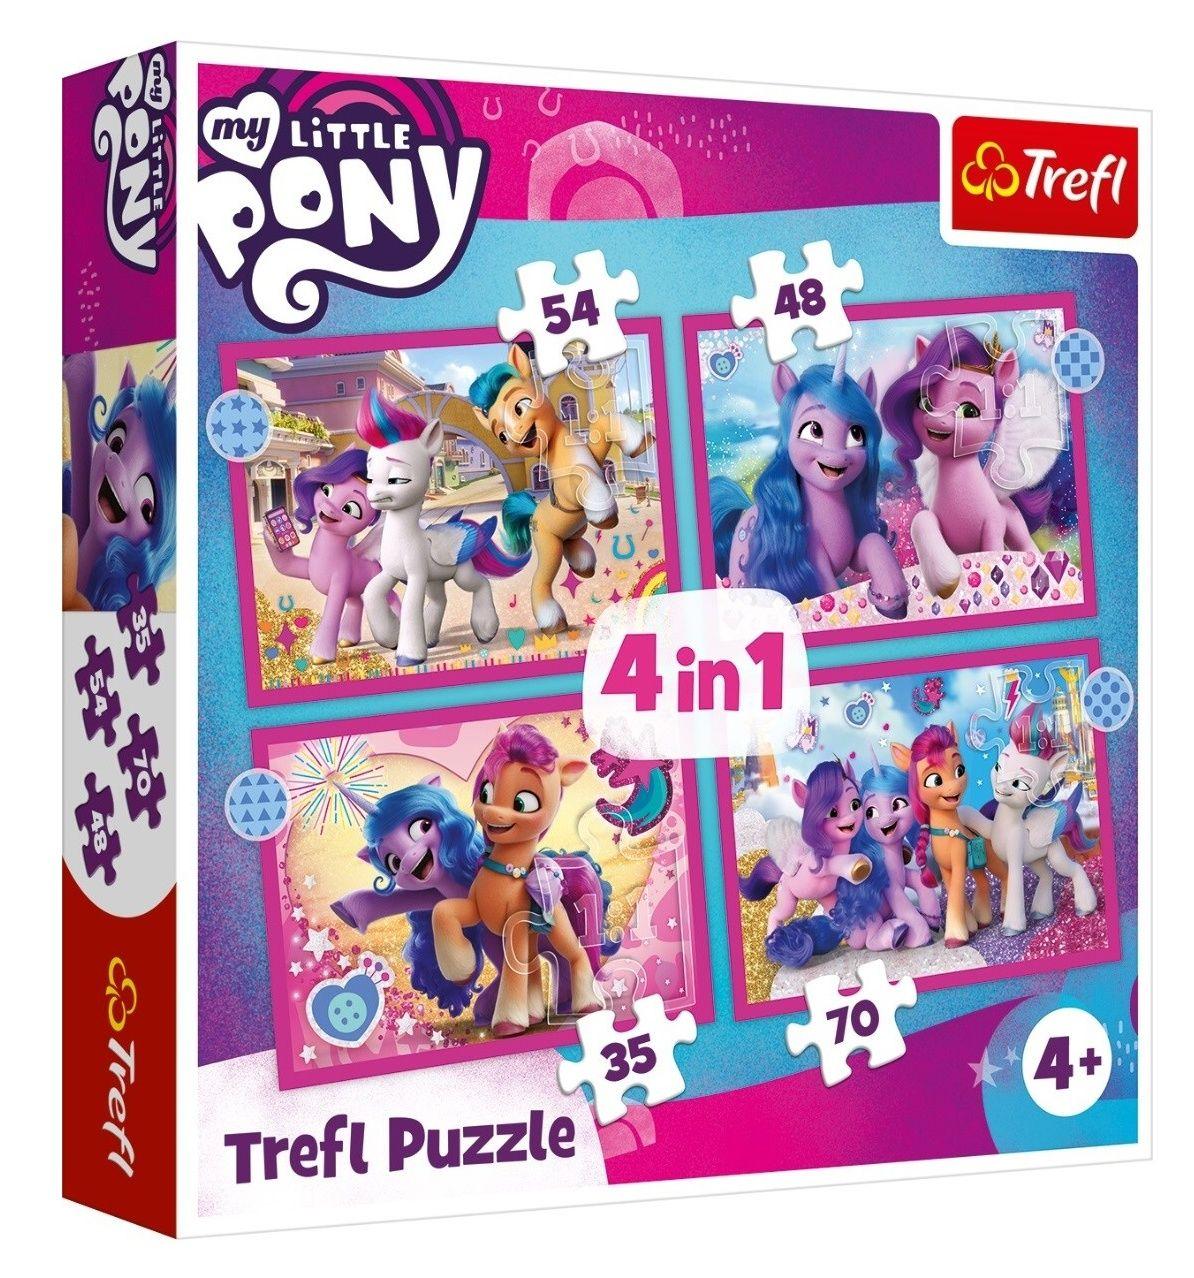 Trefl Puzzle 34389 - My Little Pony 4v1 35 48 54 70 dílků